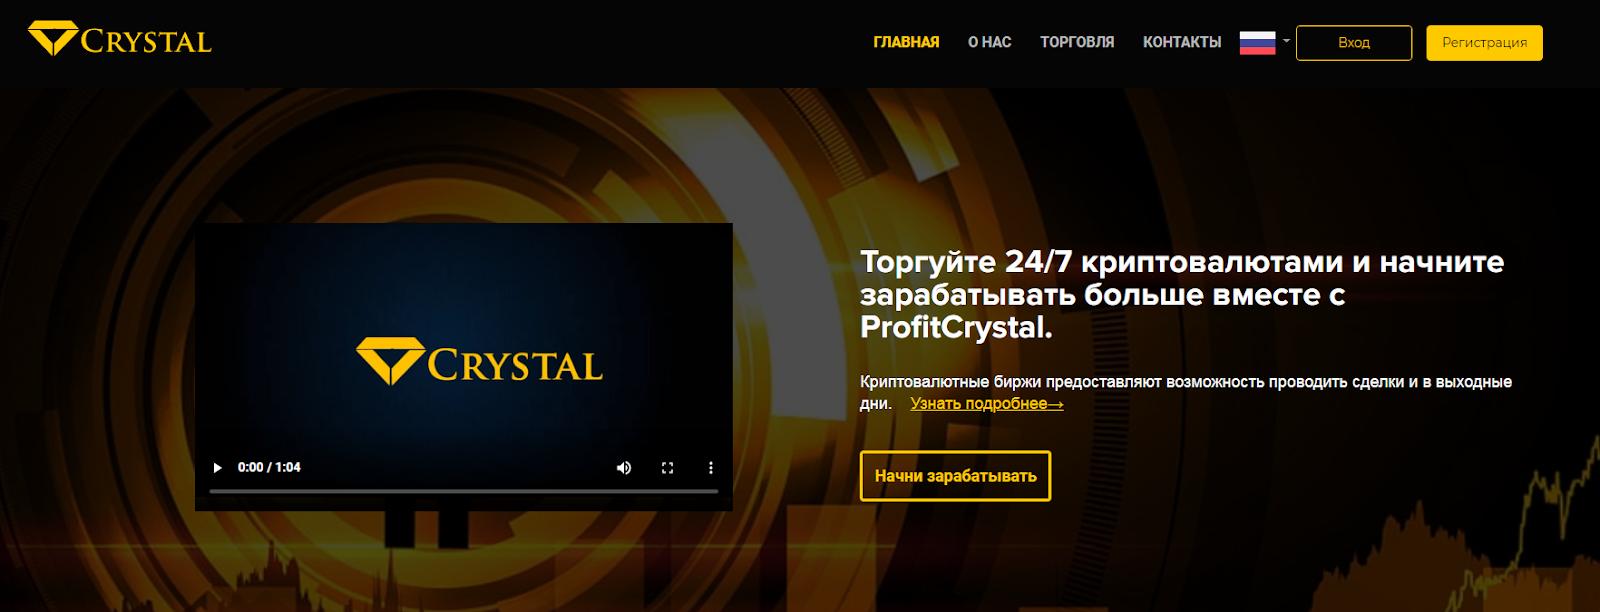 Фальшивый брокер бинарных опционов Profit Crystal: отзывы обманутых вкладчиков